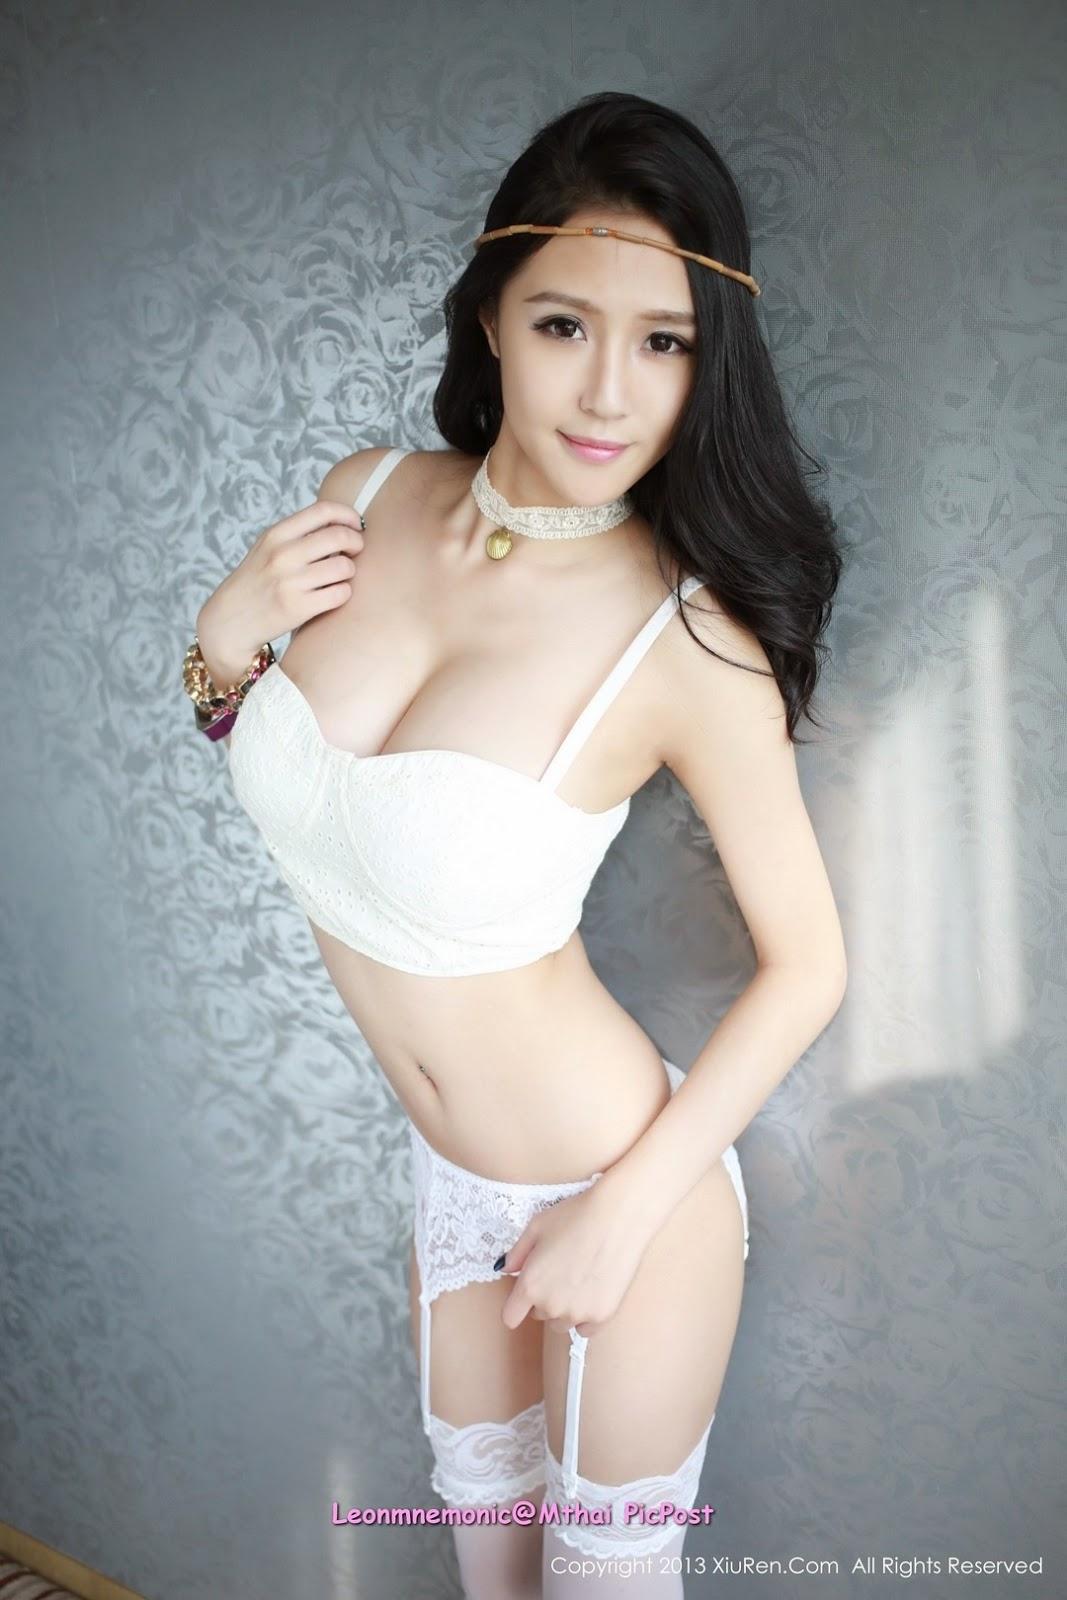 Kumpulan Gambar Sexy Dea Rizkita Runner-up 3 Putri